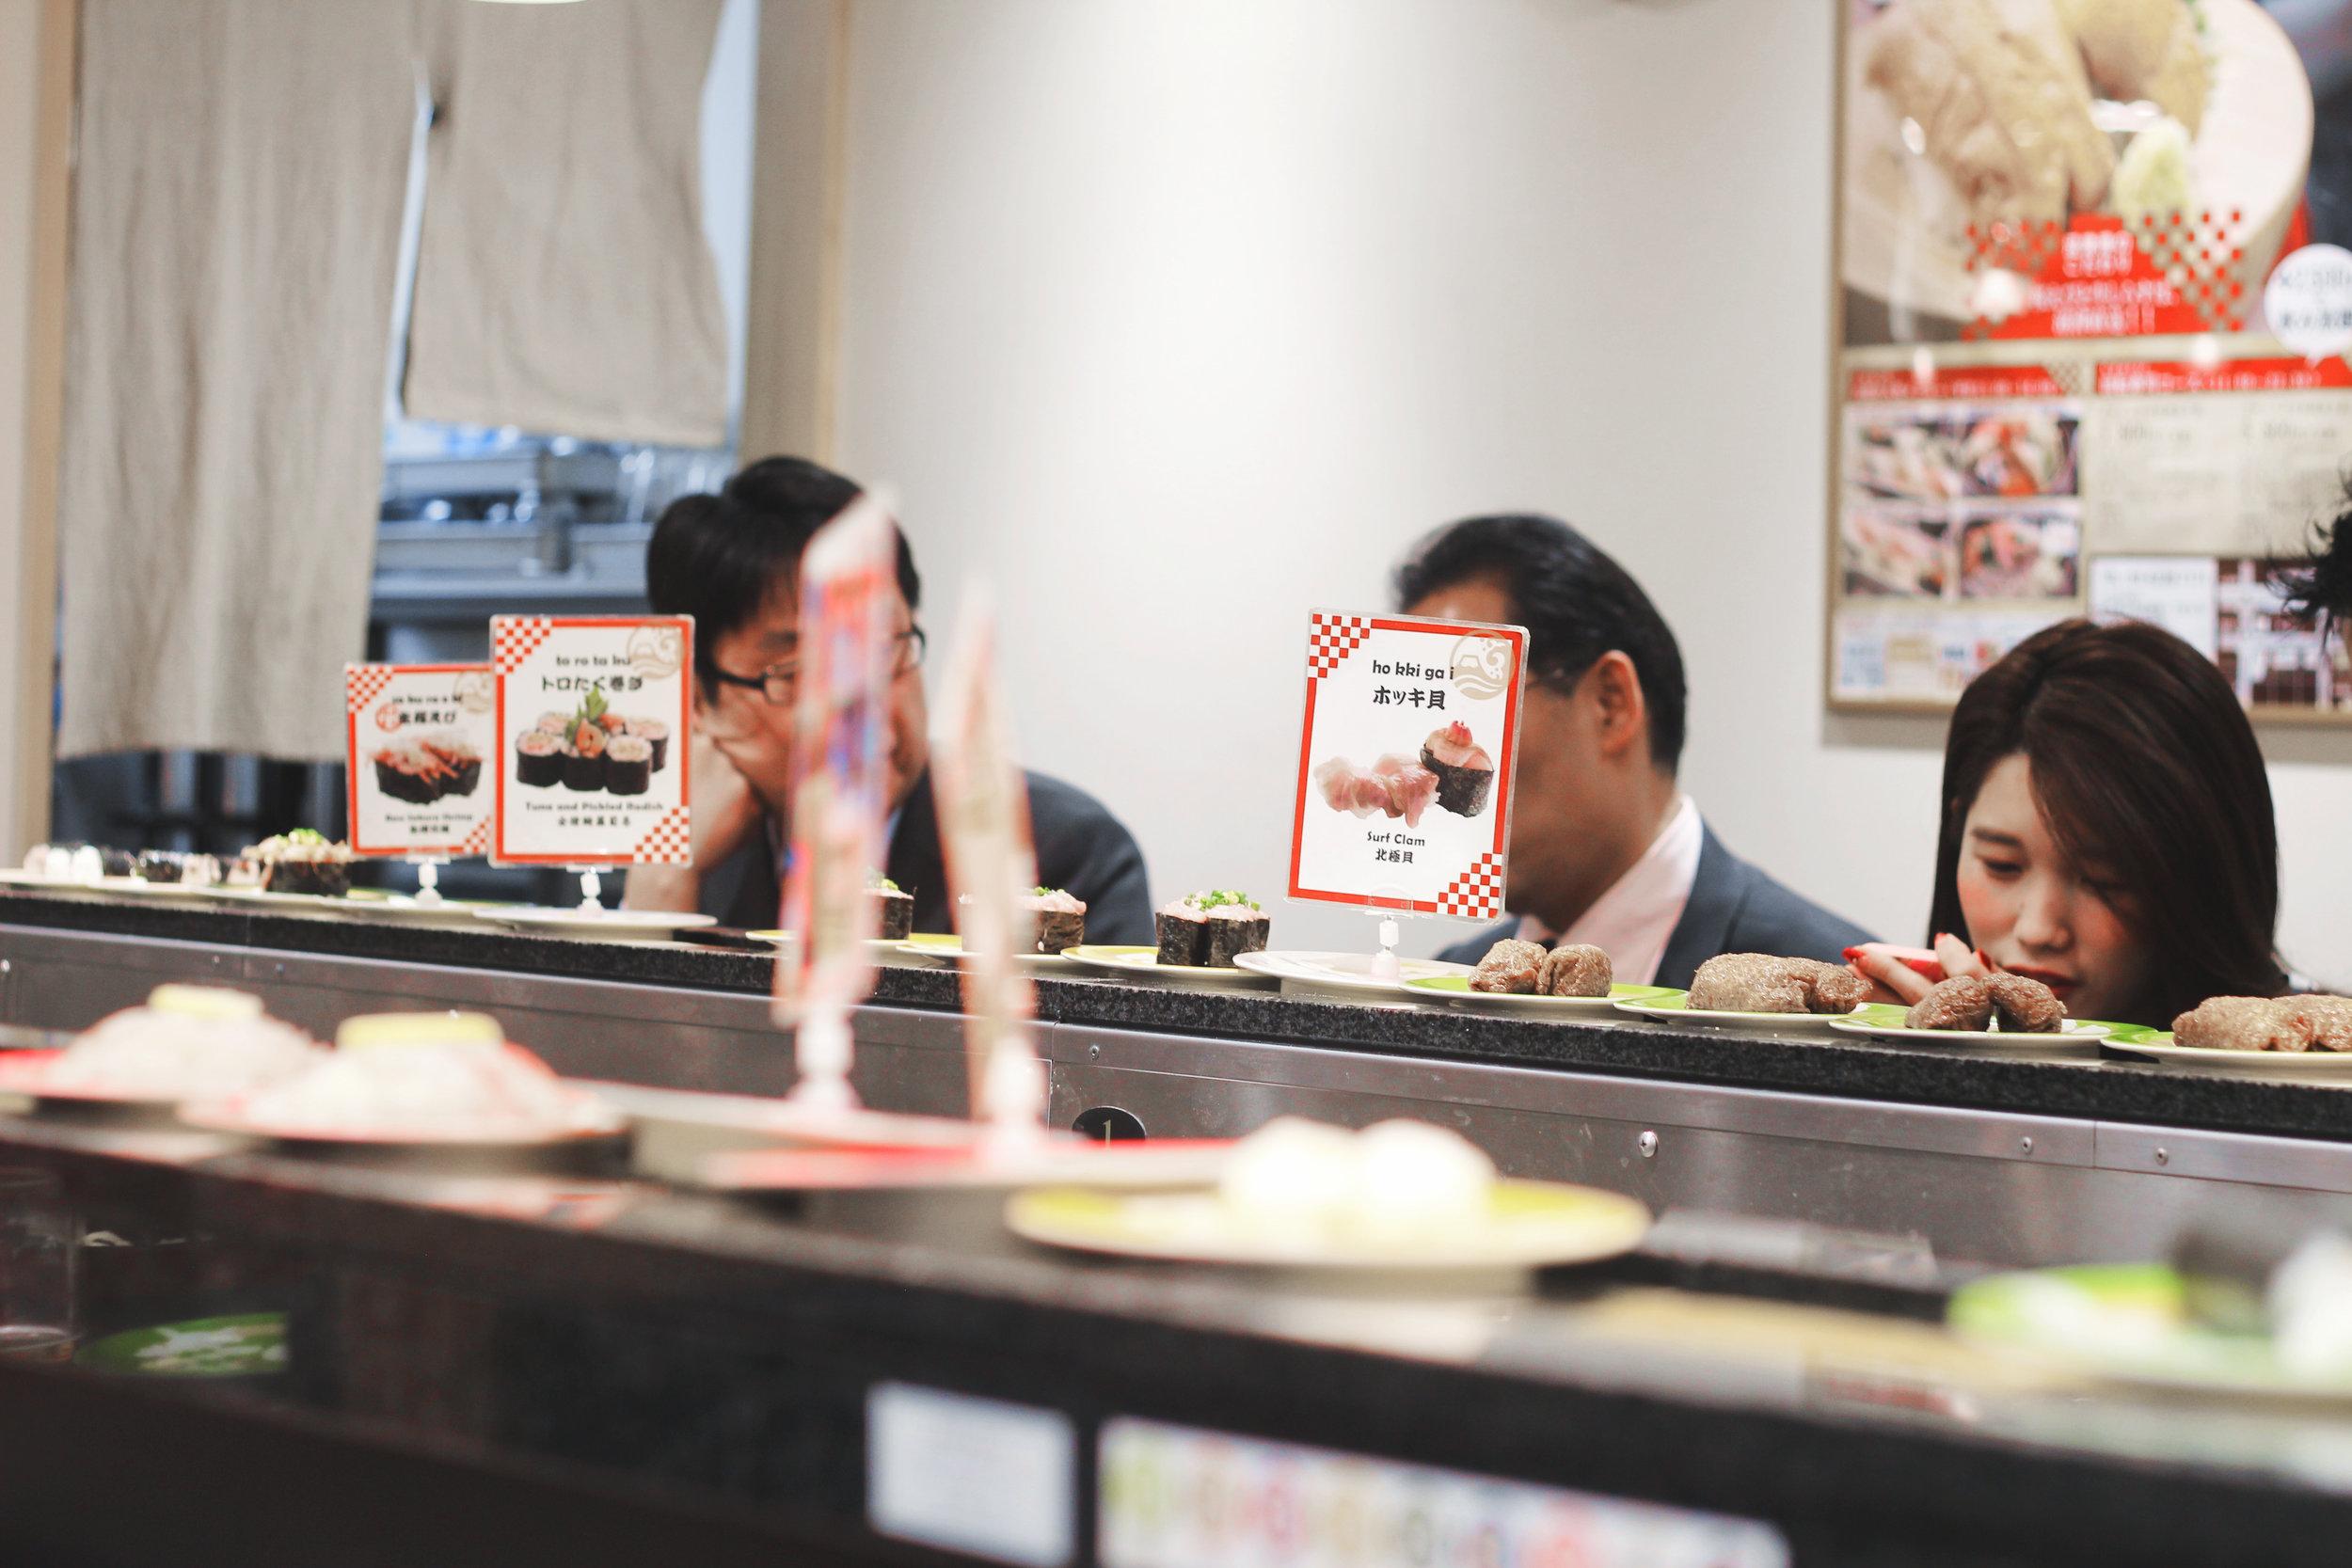 IMG_5520, japan, food, people.jpg